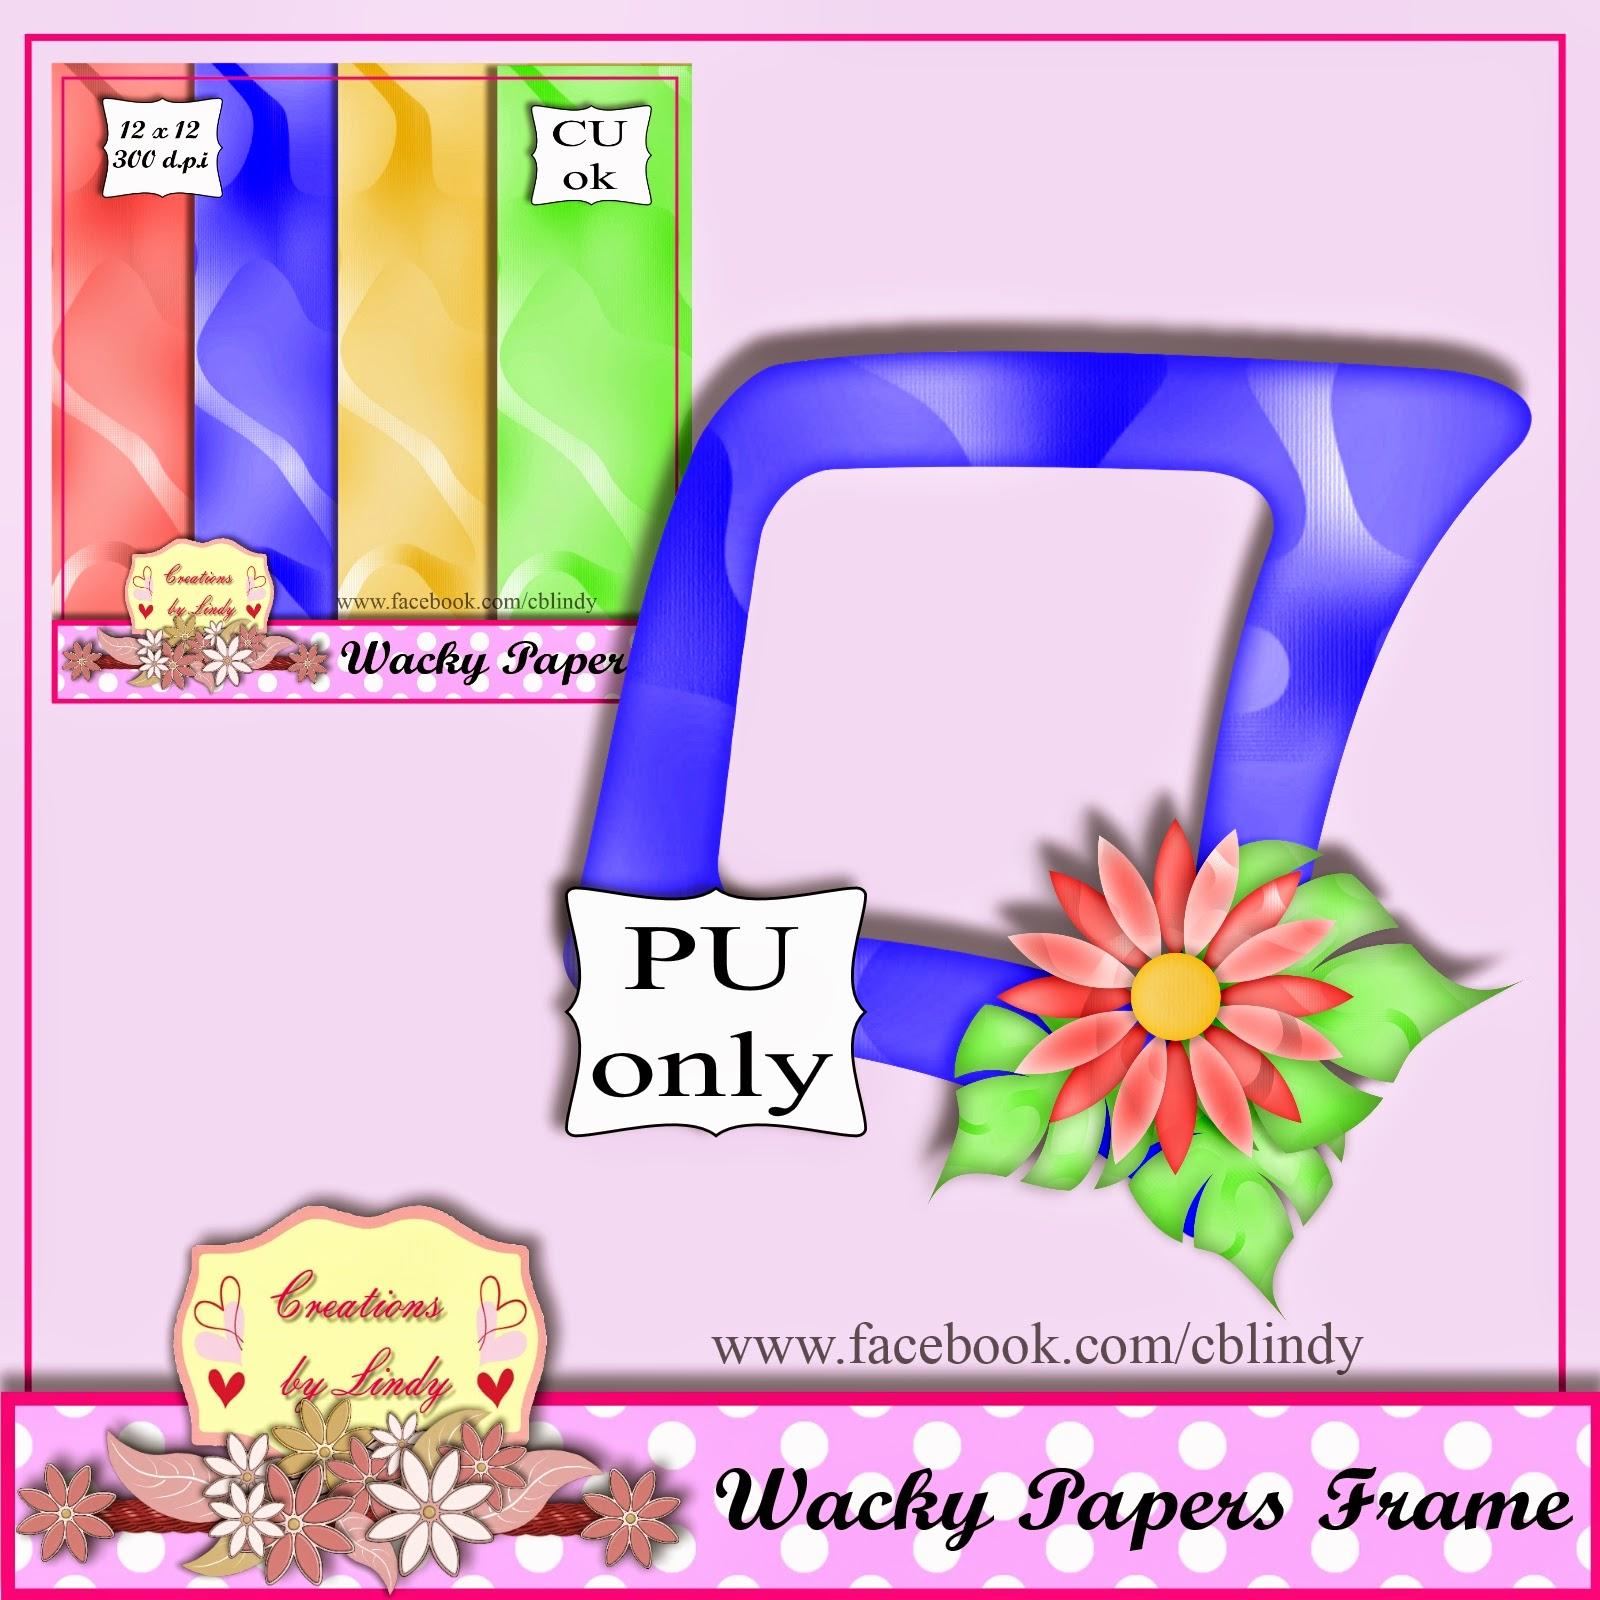 http://4.bp.blogspot.com/-XwWCUKOO5qQ/U7V26eywEGI/AAAAAAAAASs/faWRWuGtWJQ/s1600/cbl_wacky_papers_frame.jpg